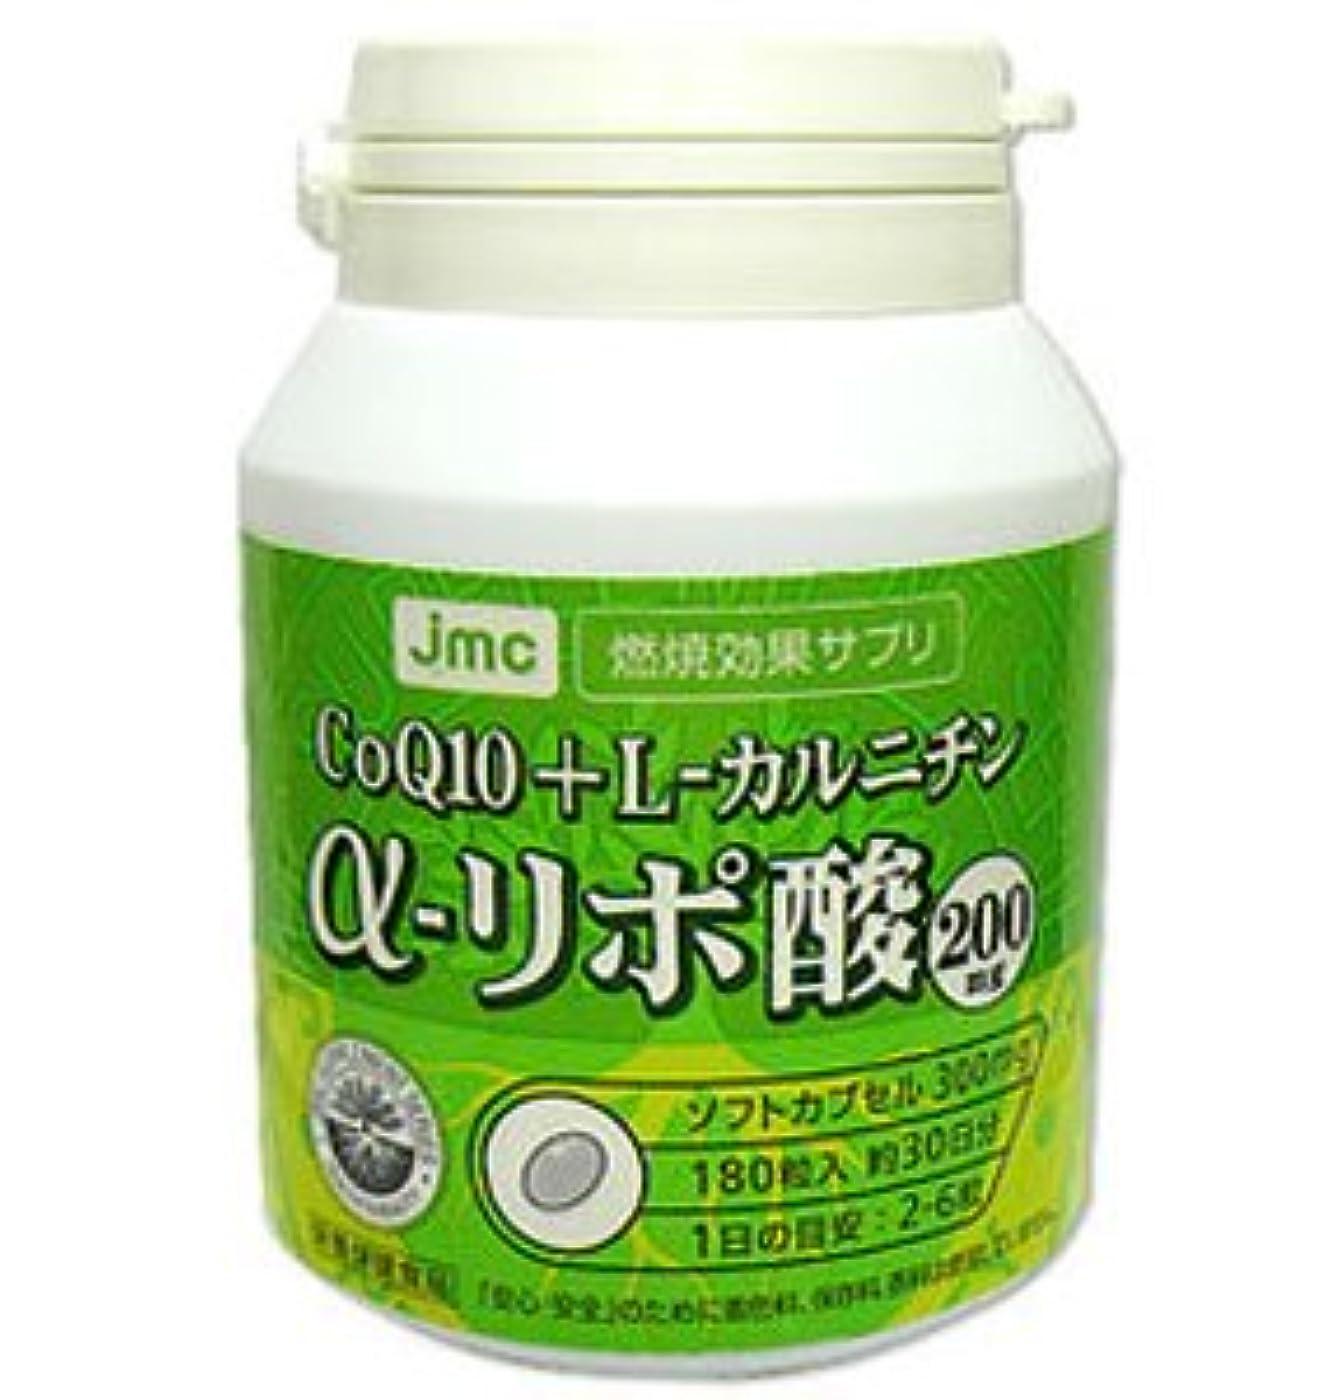 傑作工場宅配便α-リポ酸200mg(αリポ酸、COQ10、L-カルニチン、共役リノール酸配合ダイエットサプリ)